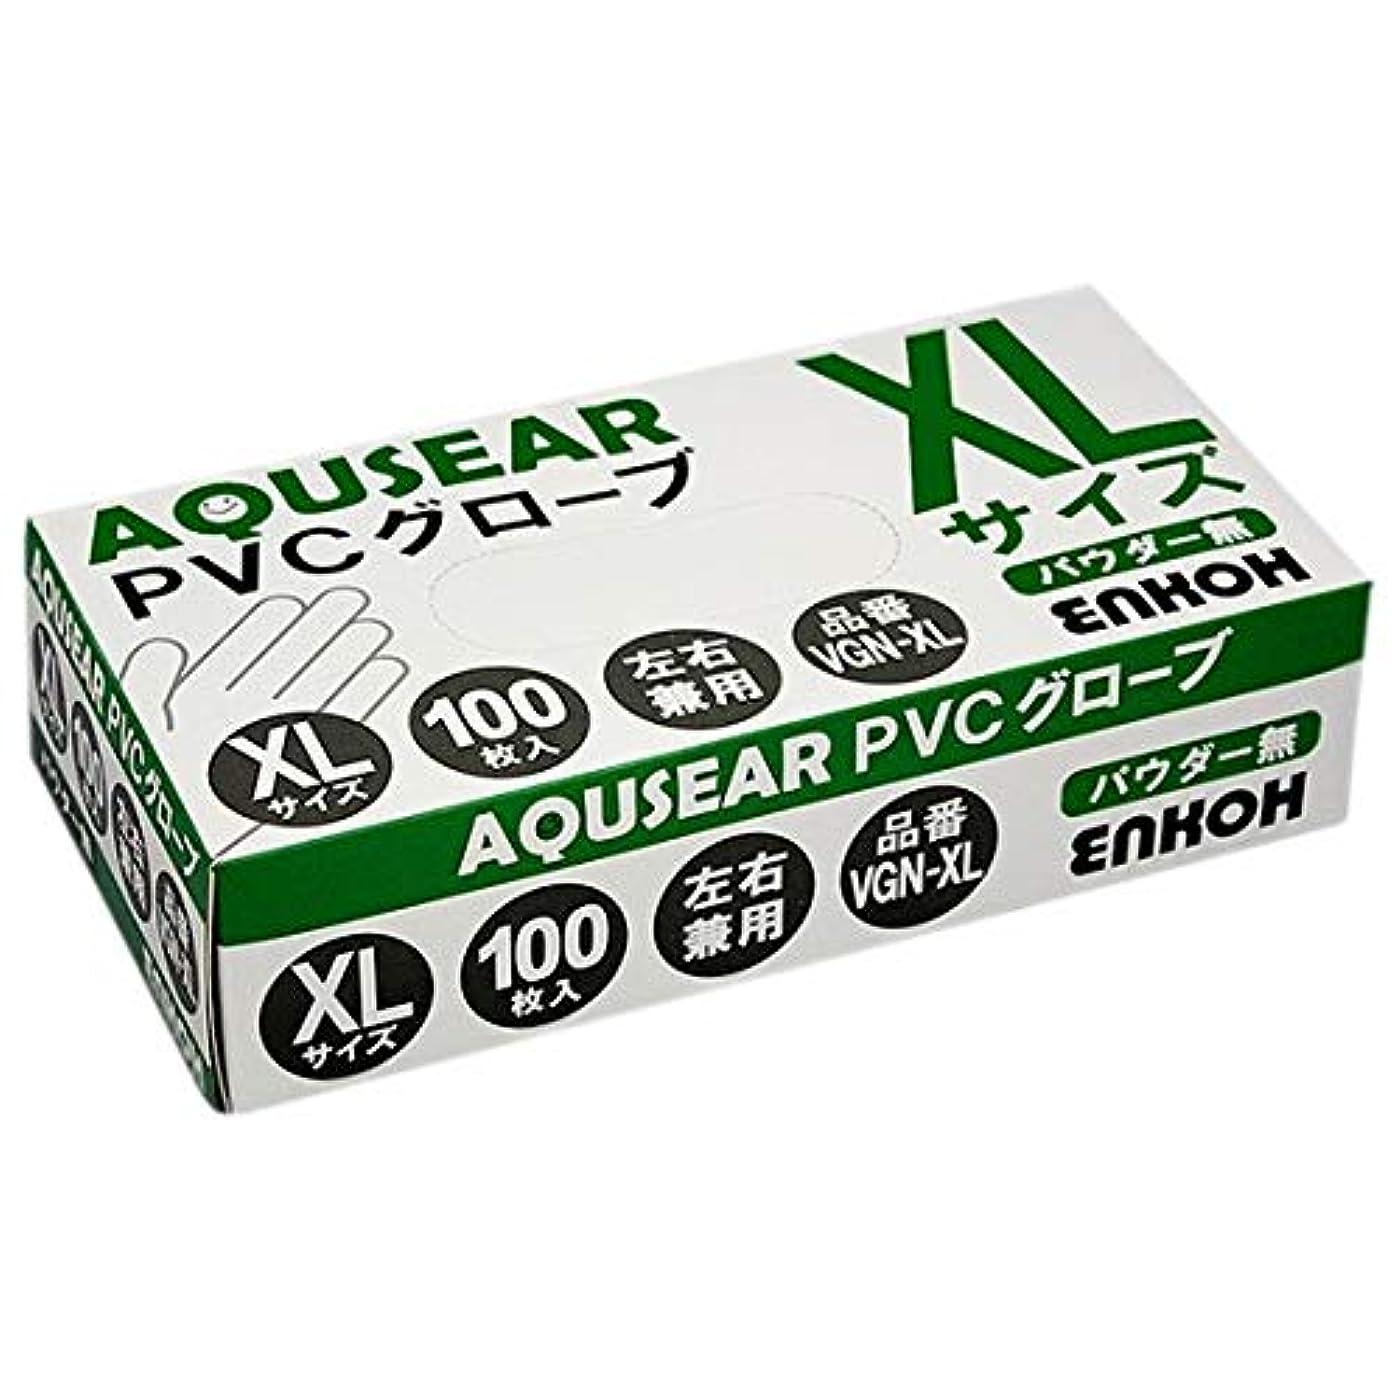 補助プラットフォームセラフAQUSEAR PVC プラスチックグローブ XLサイズ パウダー無 VGN-XL 100枚×20箱